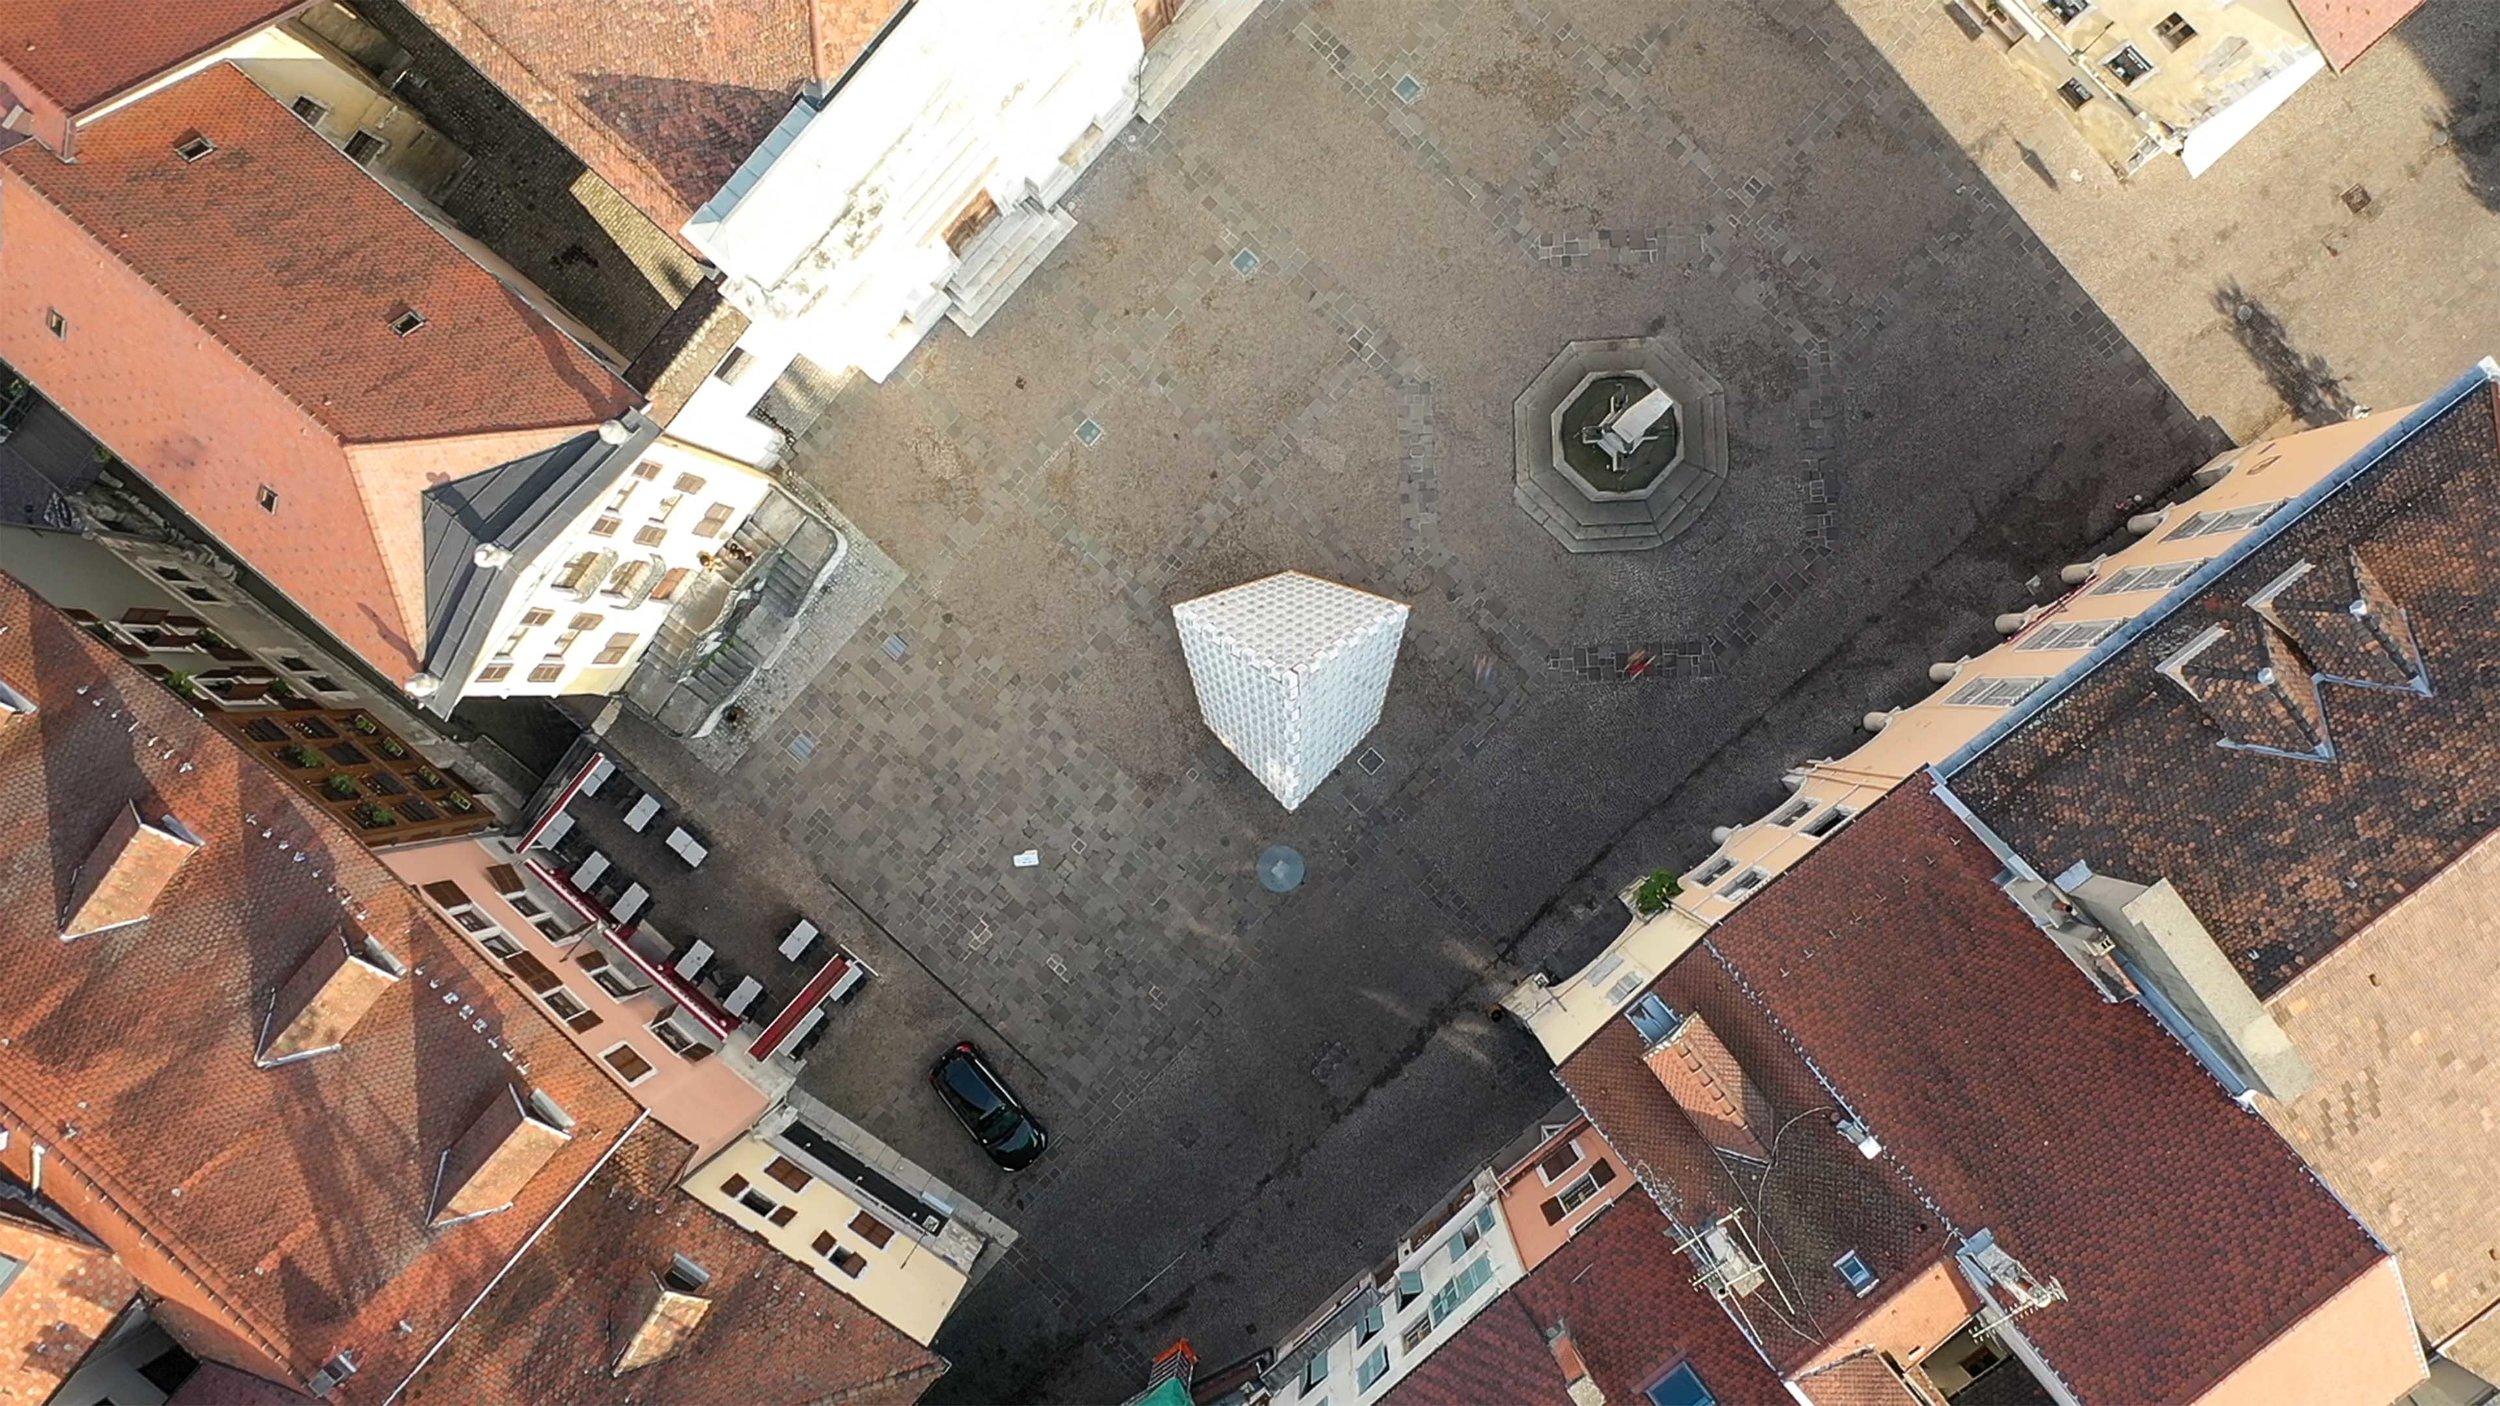 drone Pierre Xavier Rivet still 2_web.jpg